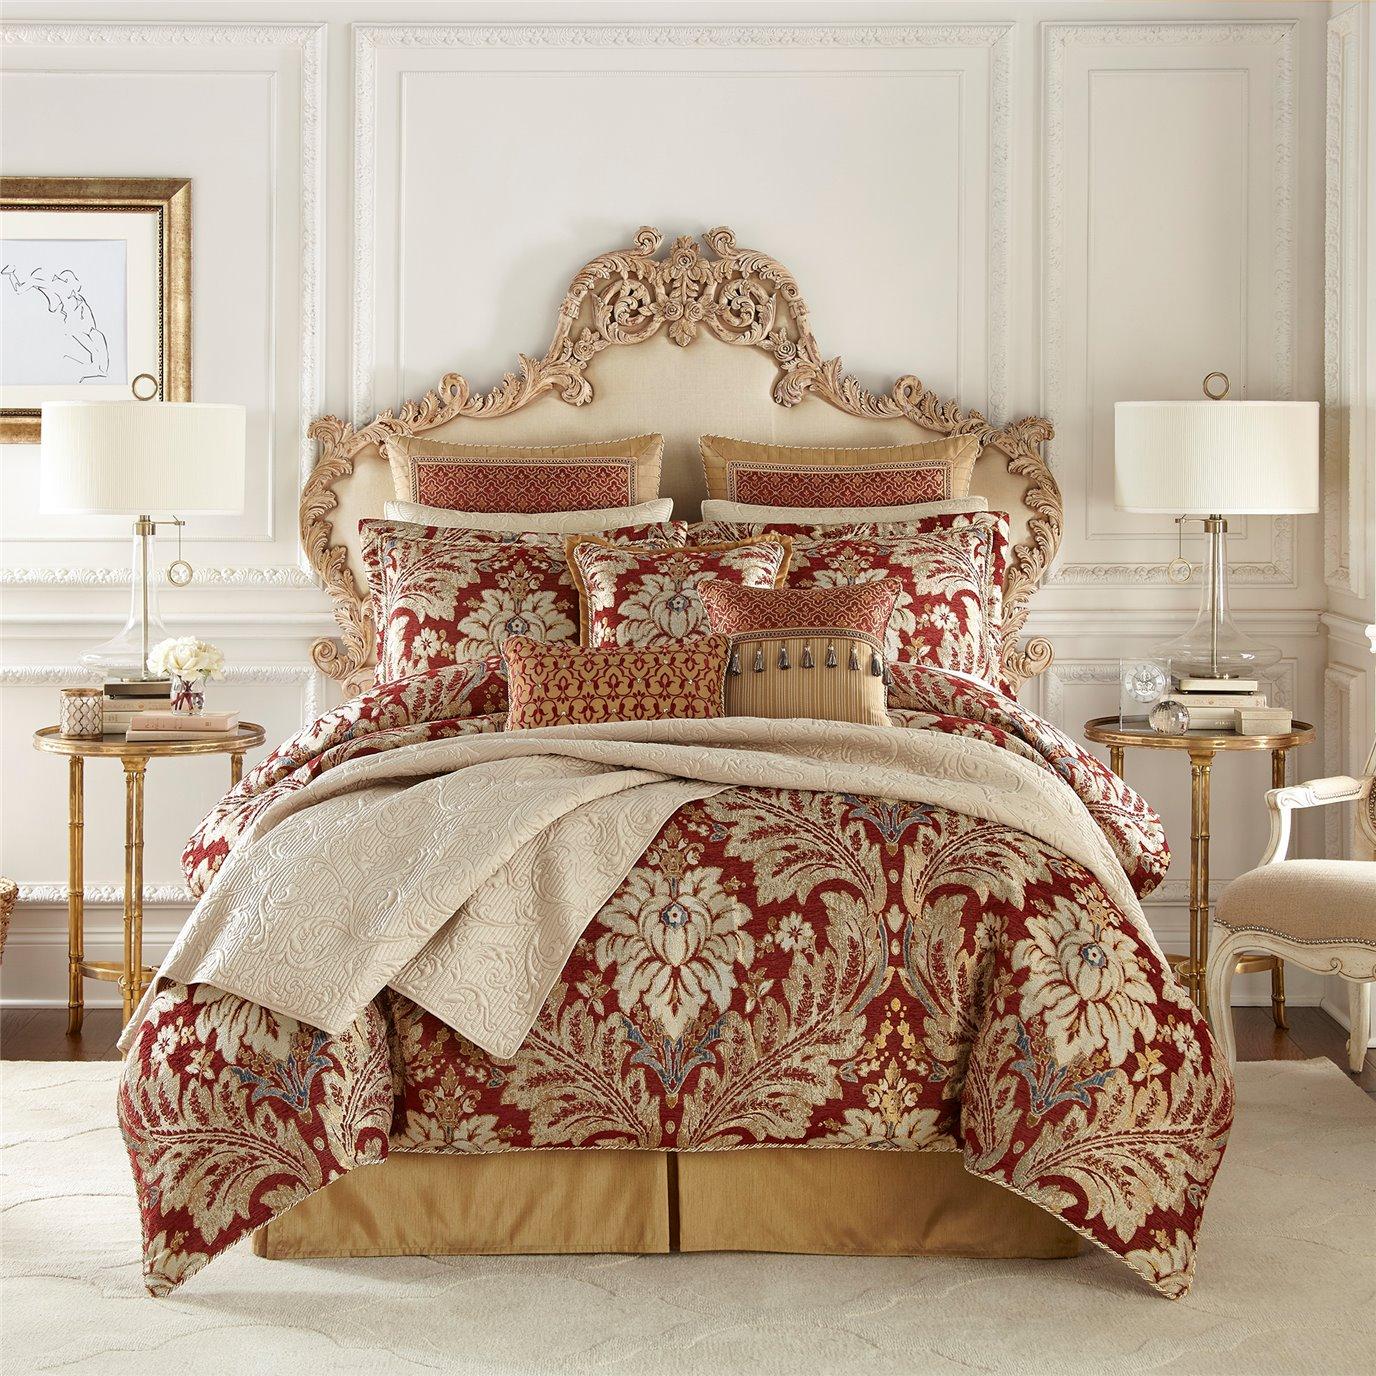 Croscill Arden 4-piece Queen Comforter Set